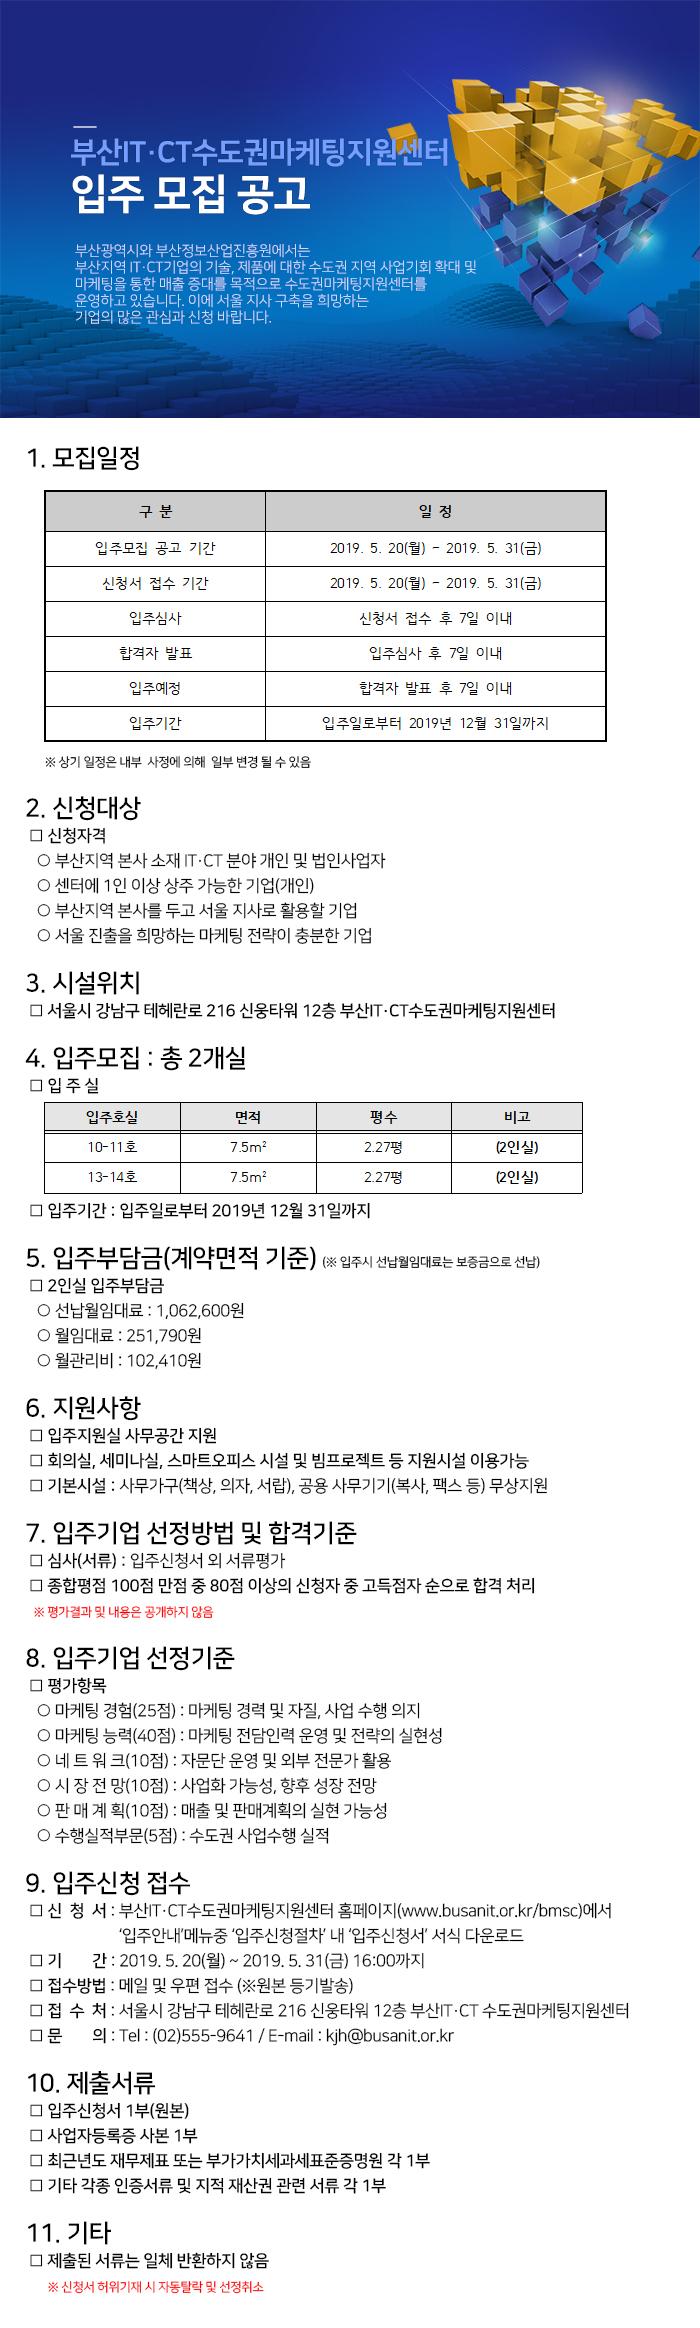 부산IT·CT수도권마케팅지원센터